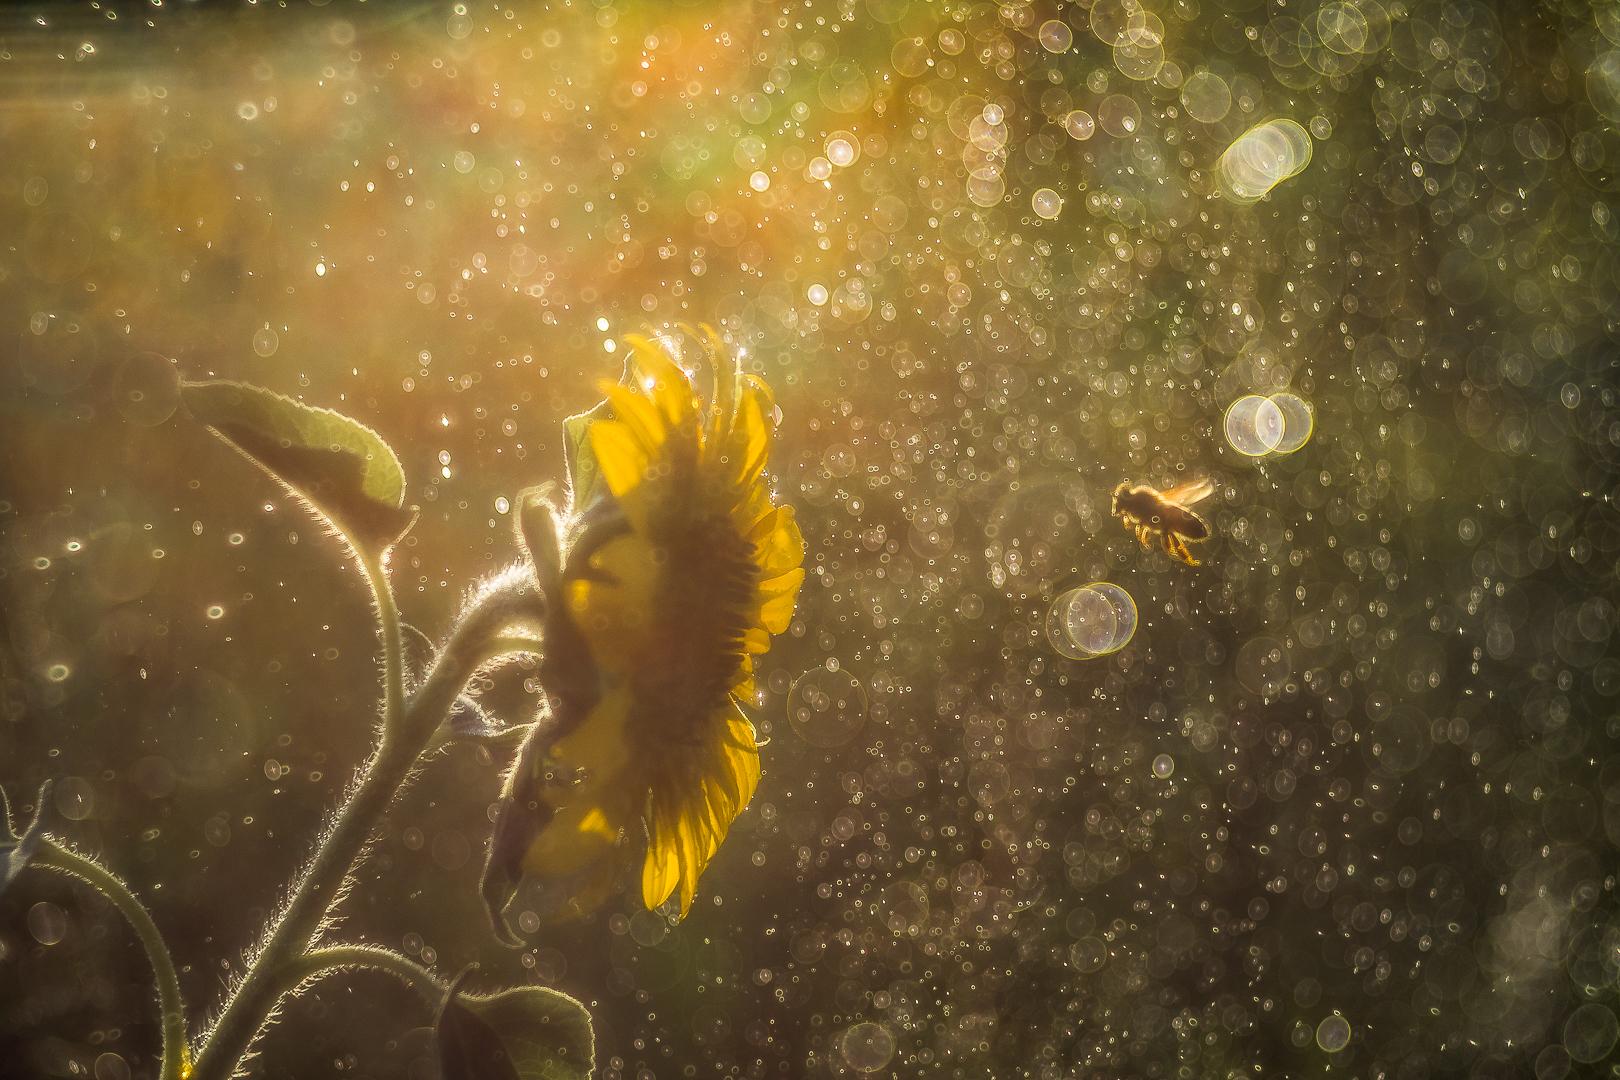 L'ape sognante...